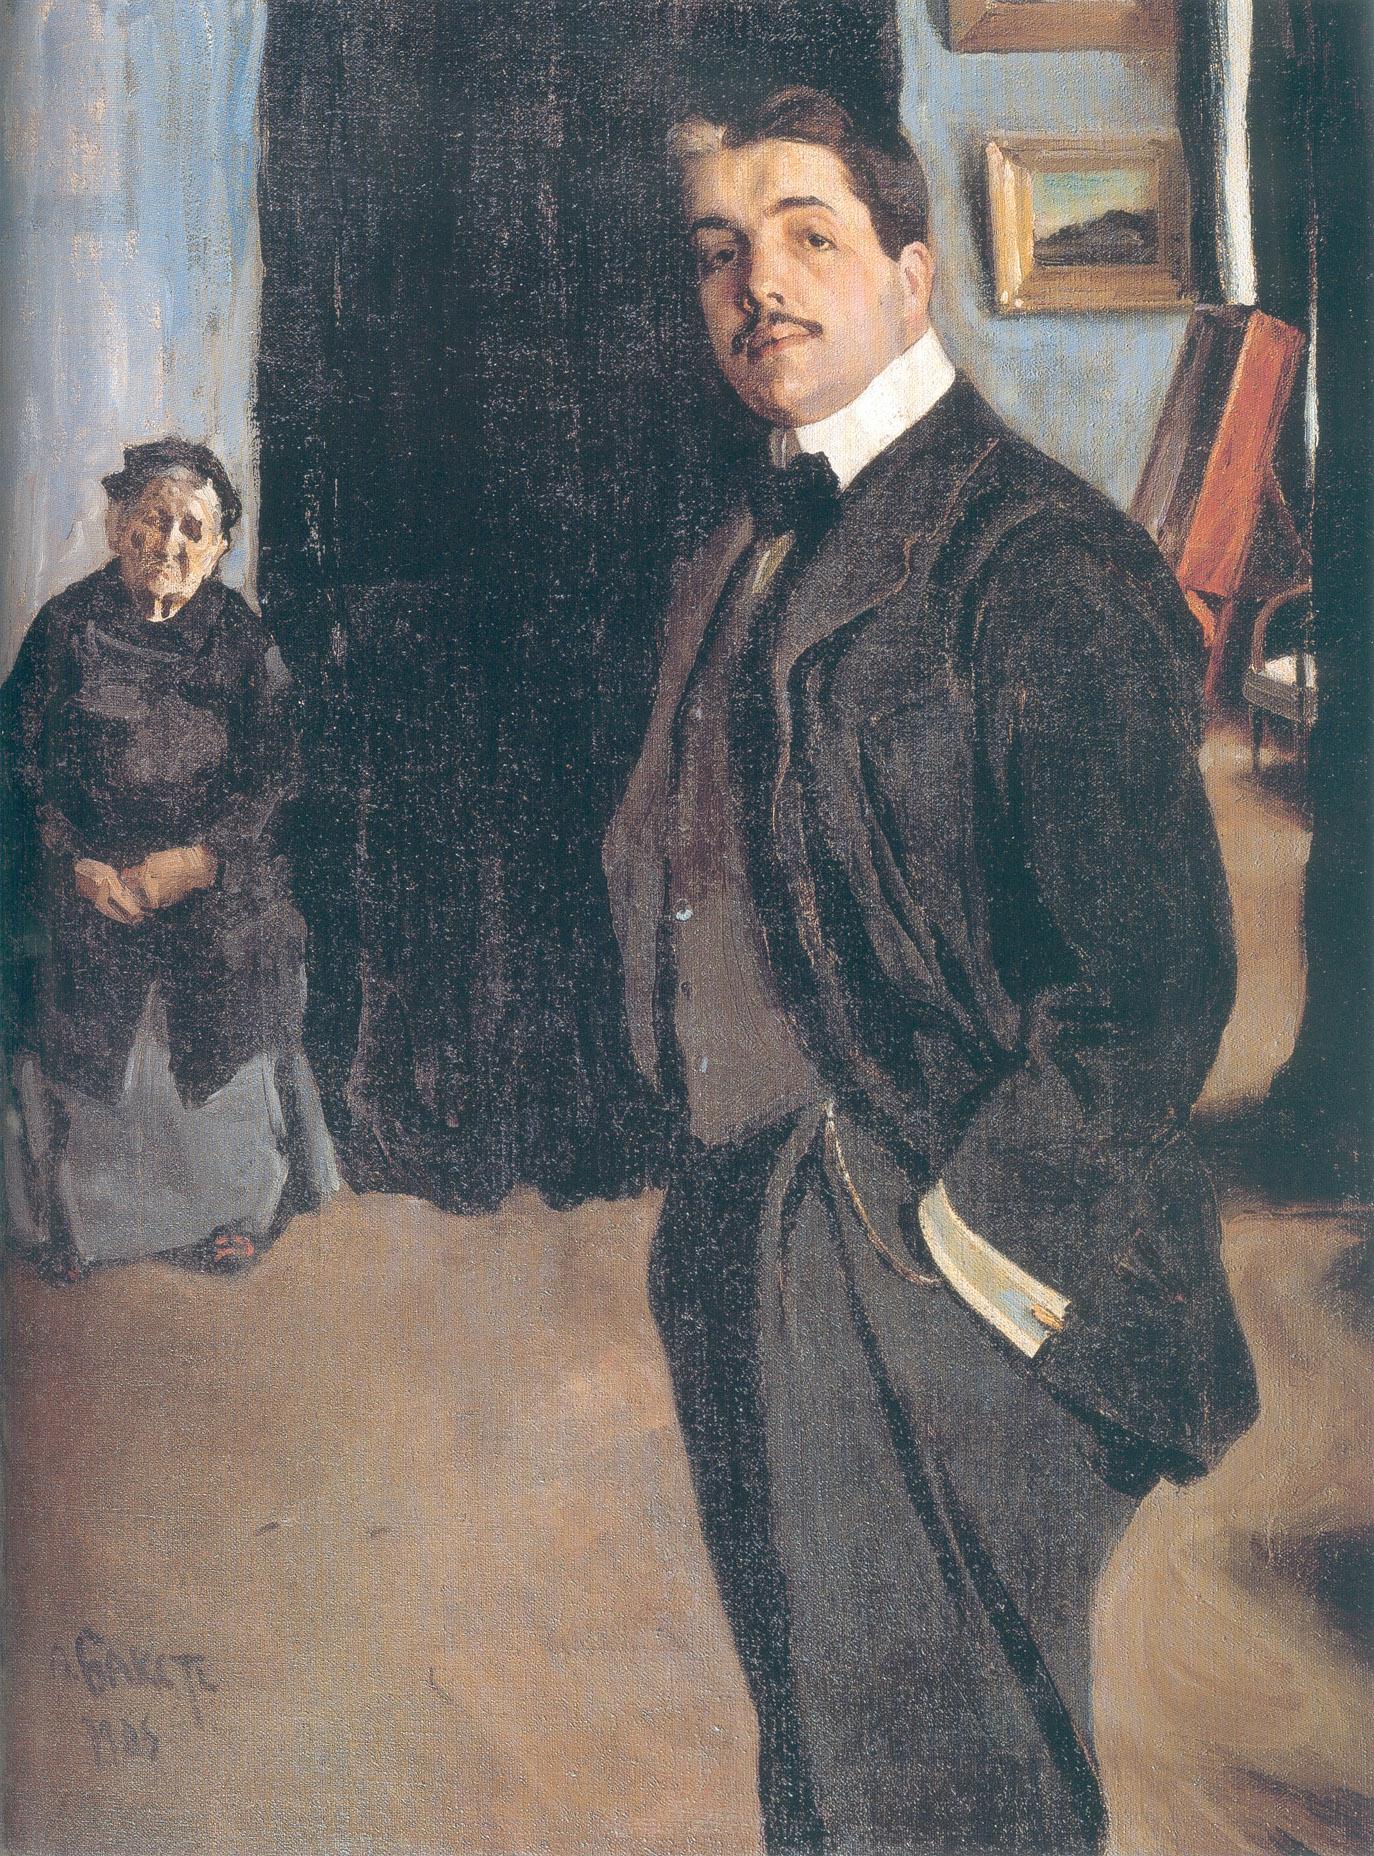 Portrait de Serge Diadhilev. Source libre